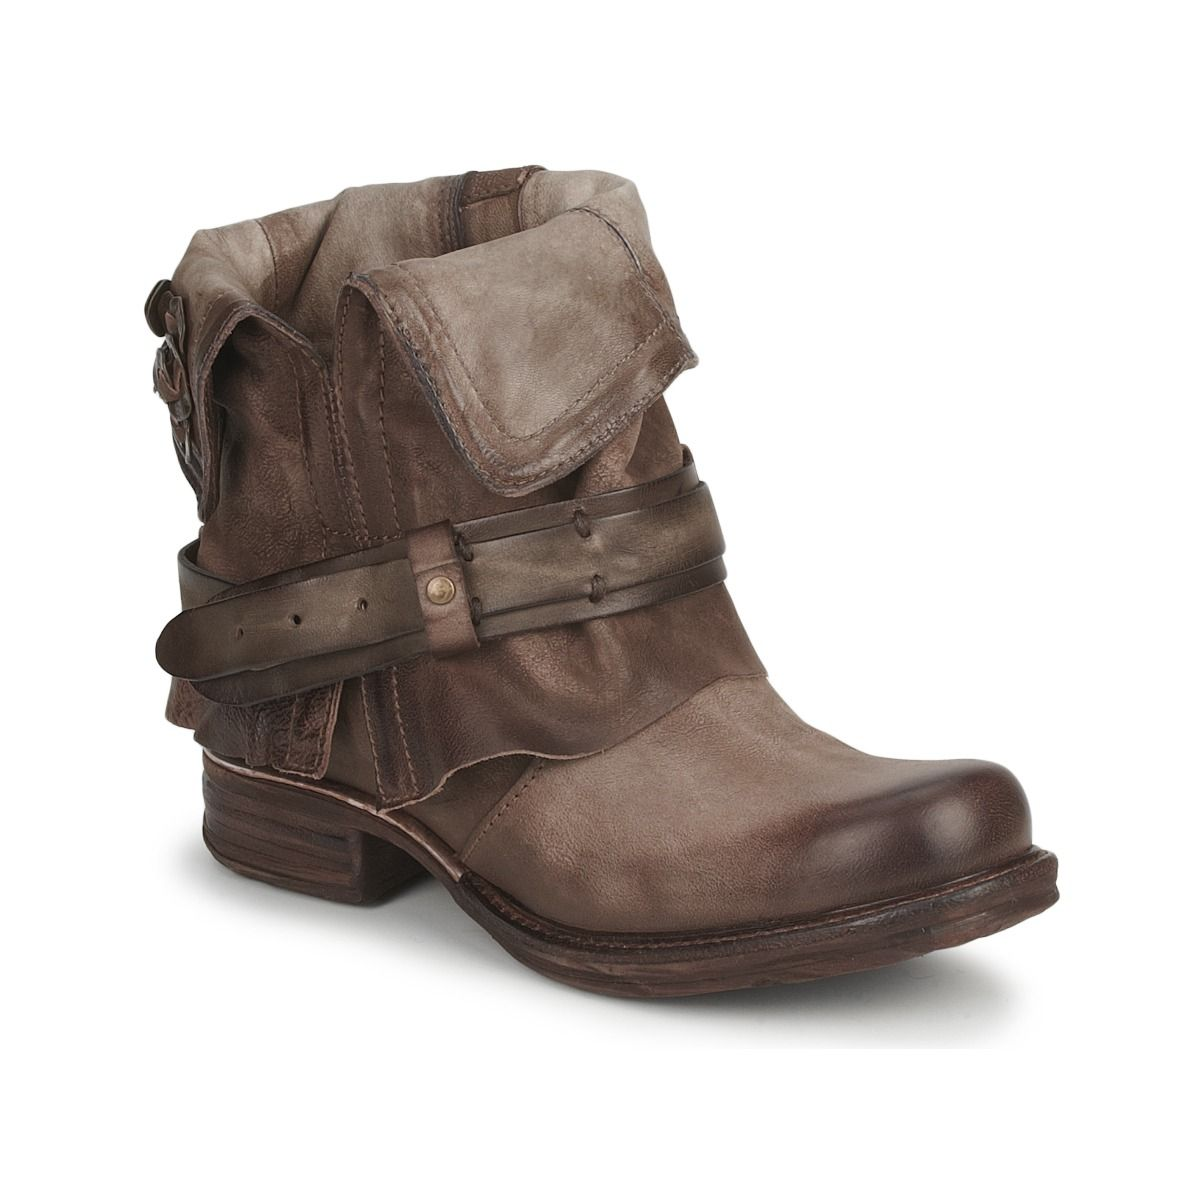 competitive price 9af52 60835 Boots Air Step SAINT BIKE Marron - achat de chaussures en ligne, boutique  chaussure pas cher sur Shoes.fr ! - Chaussures Femme 199,00 €